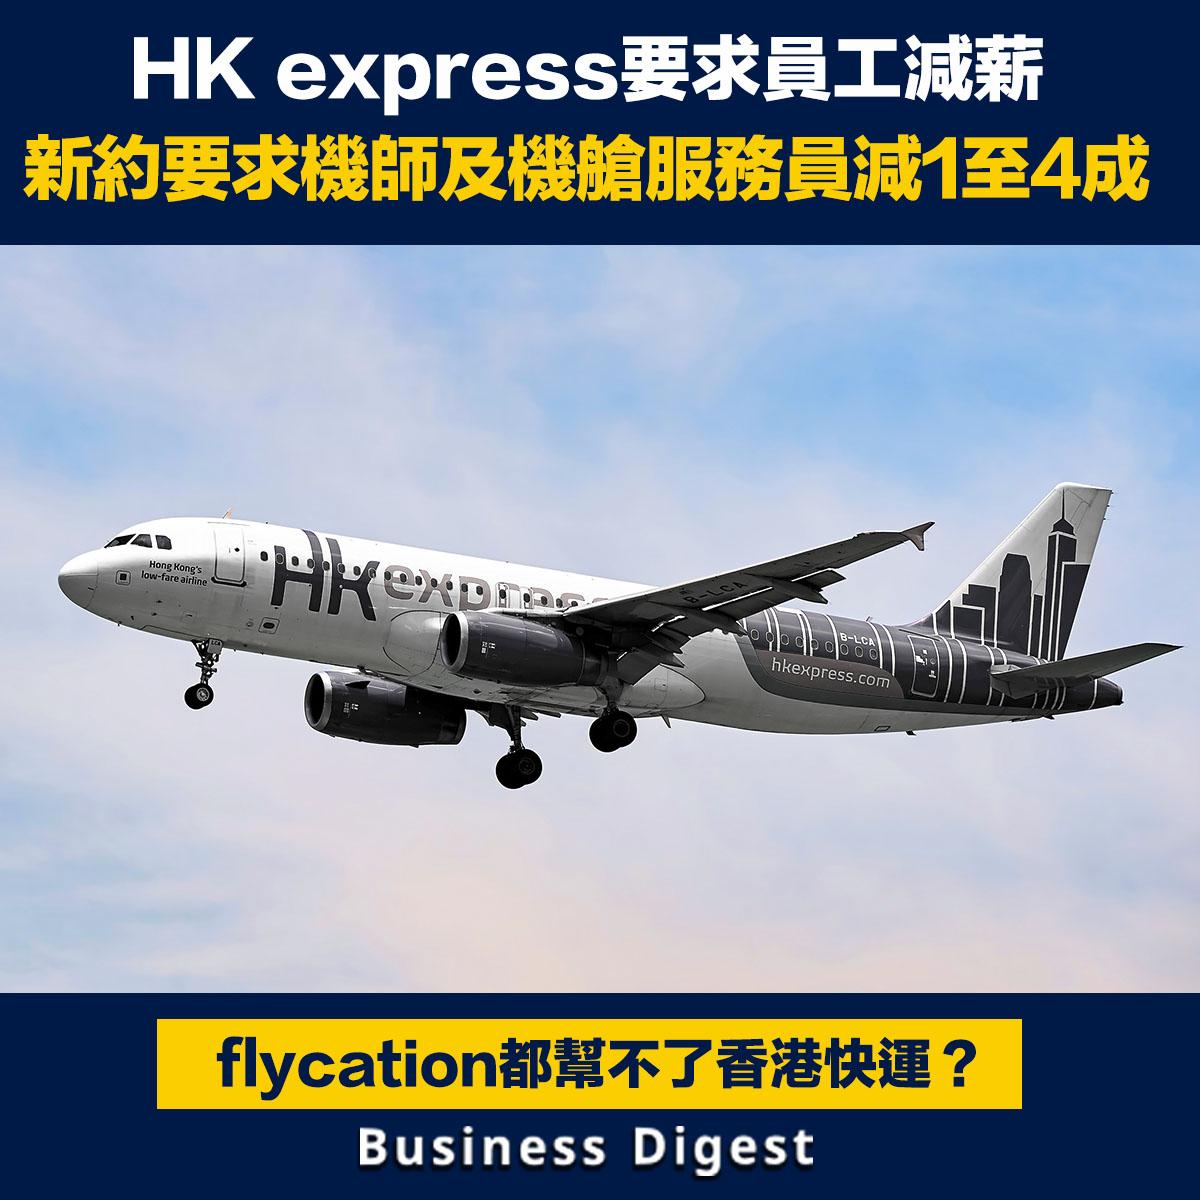 國泰旗下的香港快運(HK Express)近日也要求員工同意更改服務條件,並調整薪酬待遇